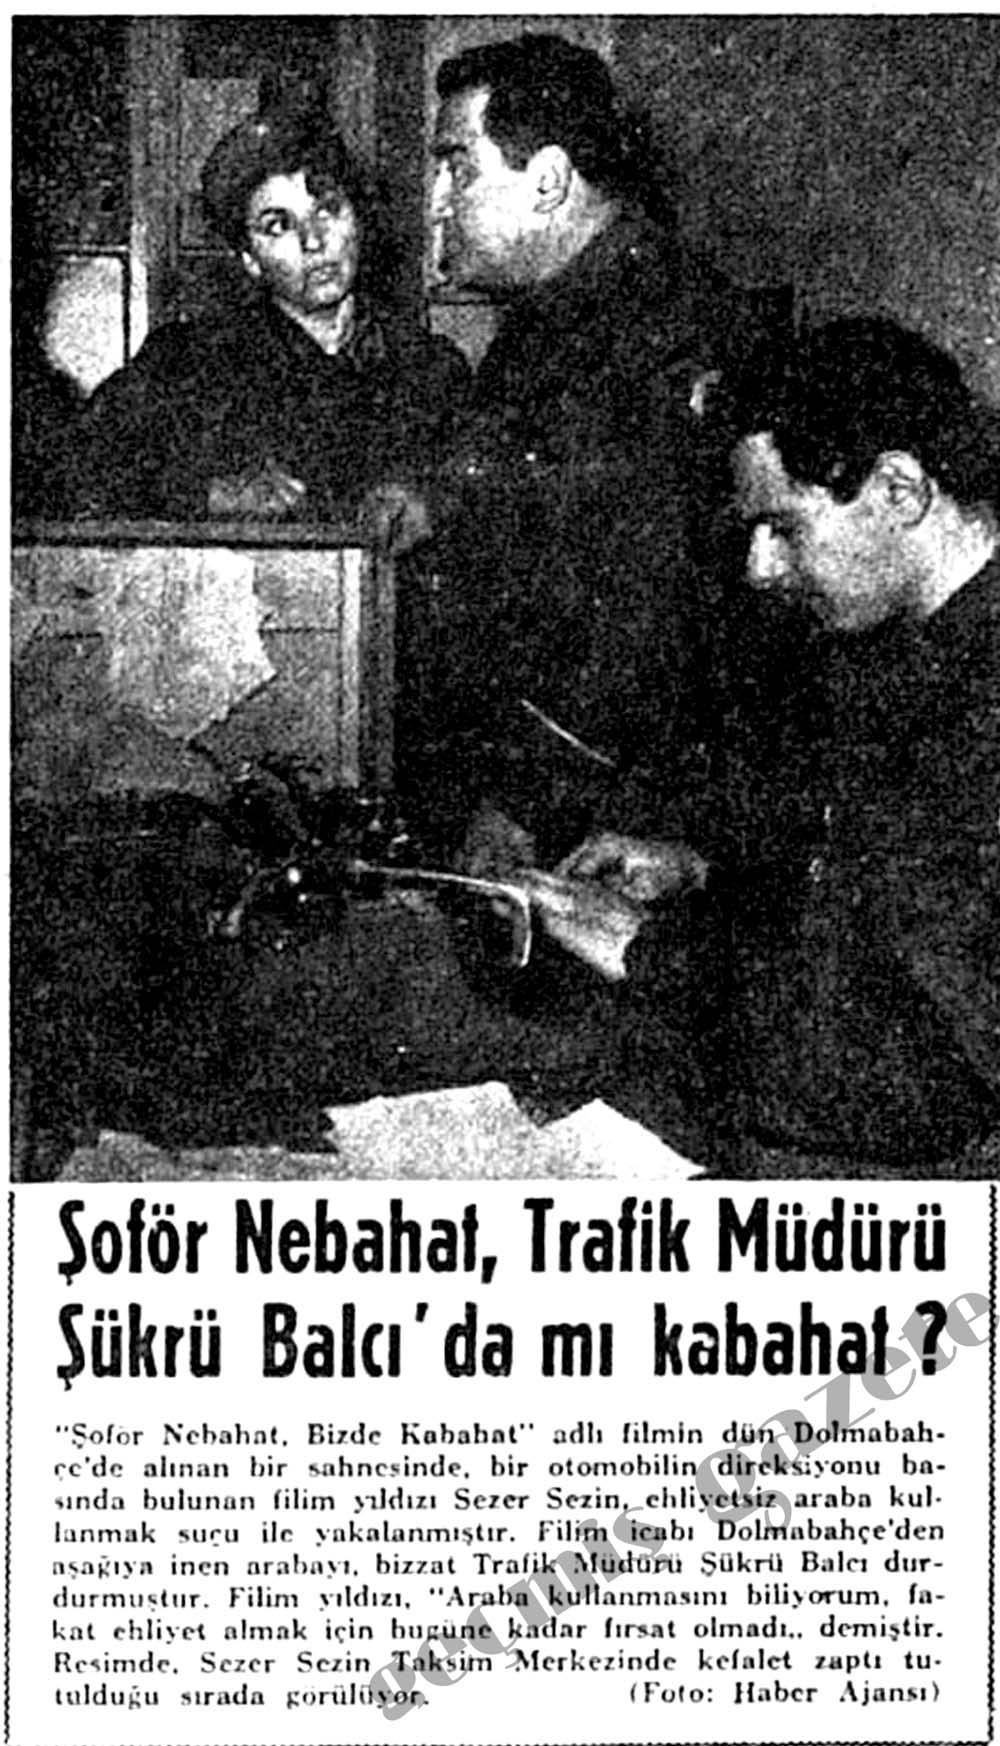 Şoför Nebahat, Trafik Müdürü Şükrü Balcı'da mı kabahat?